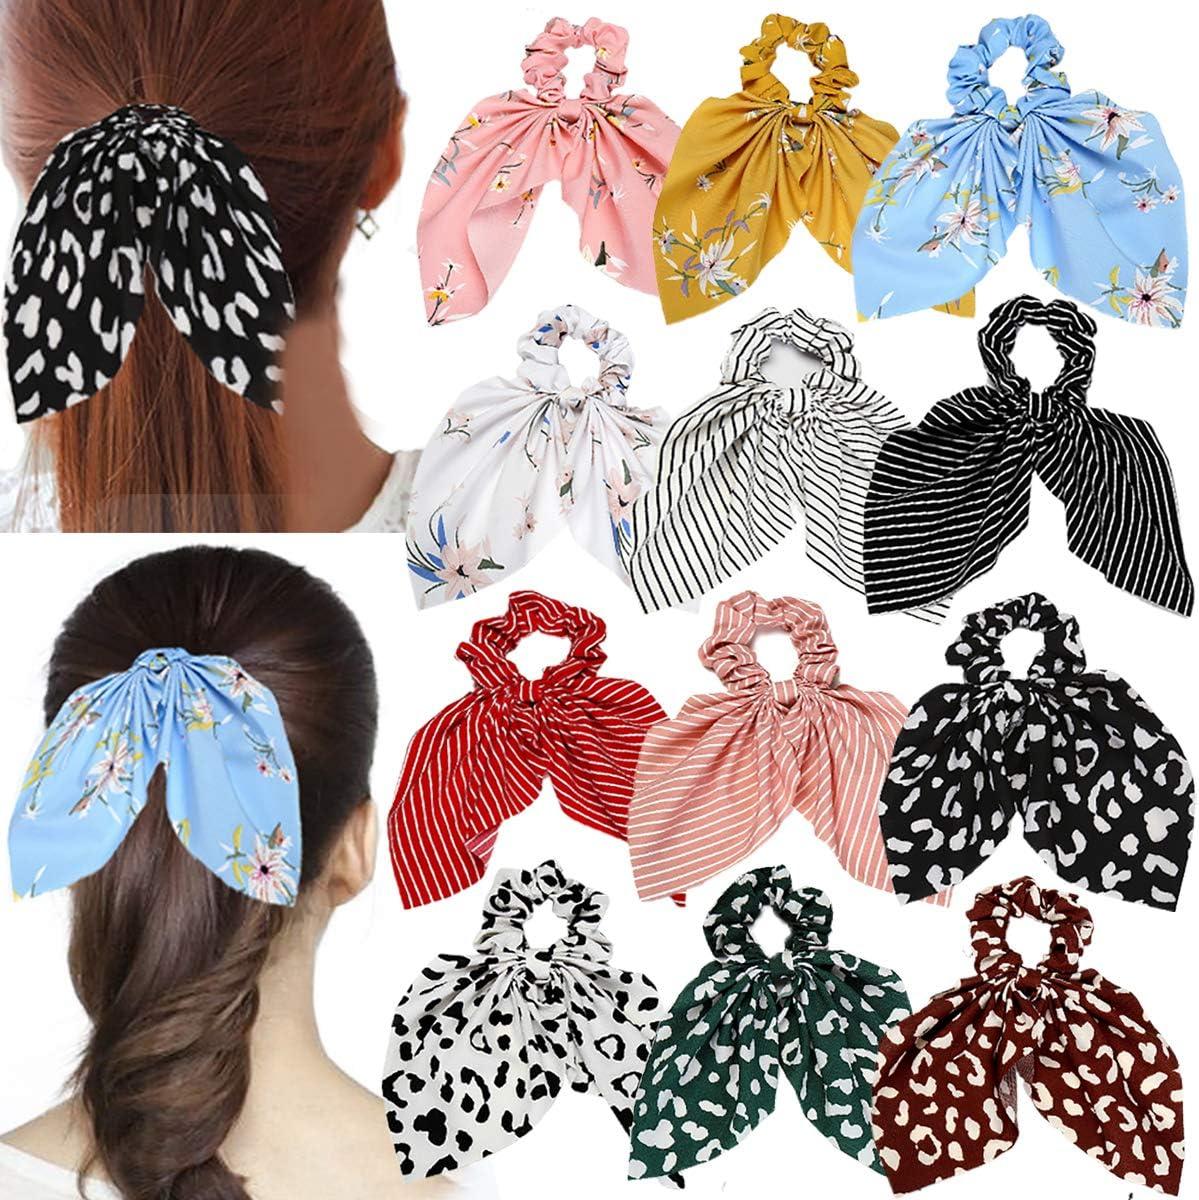 12 Uds, Coleteros elásticos para el cabello de gasa, coleteros con flores, bandas para el cabello, accesorios para el cabello para mujeres y niñas